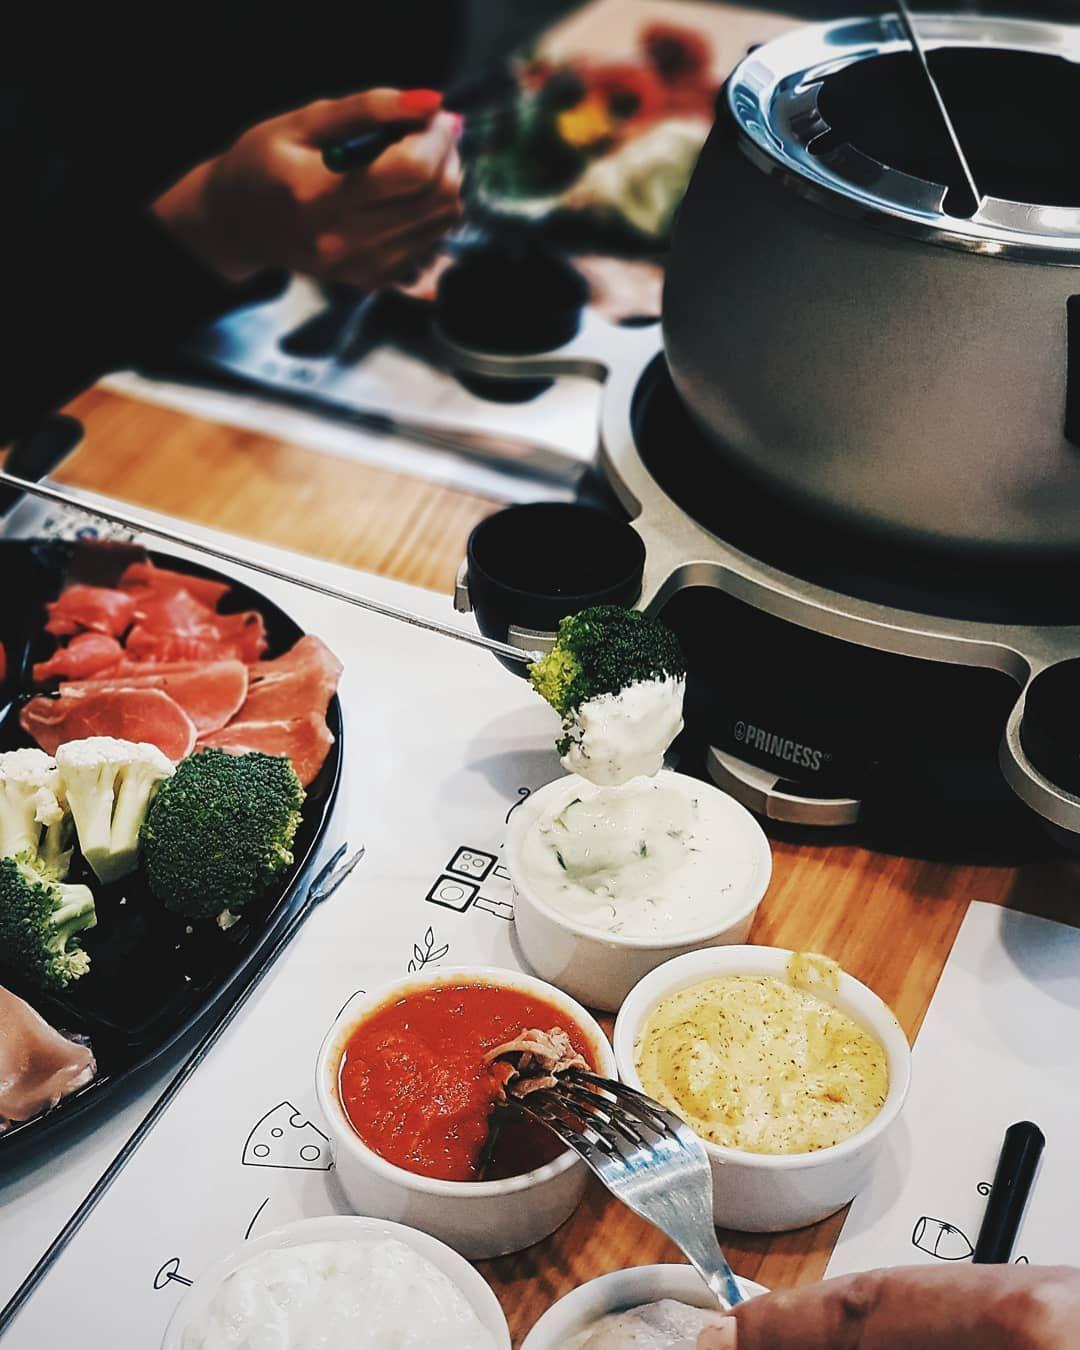 Les Essentiels Pour Un Souper De Fondue Chinoise Fraichement Presse Whole Food Recipes Food Bruschetta Ingredients